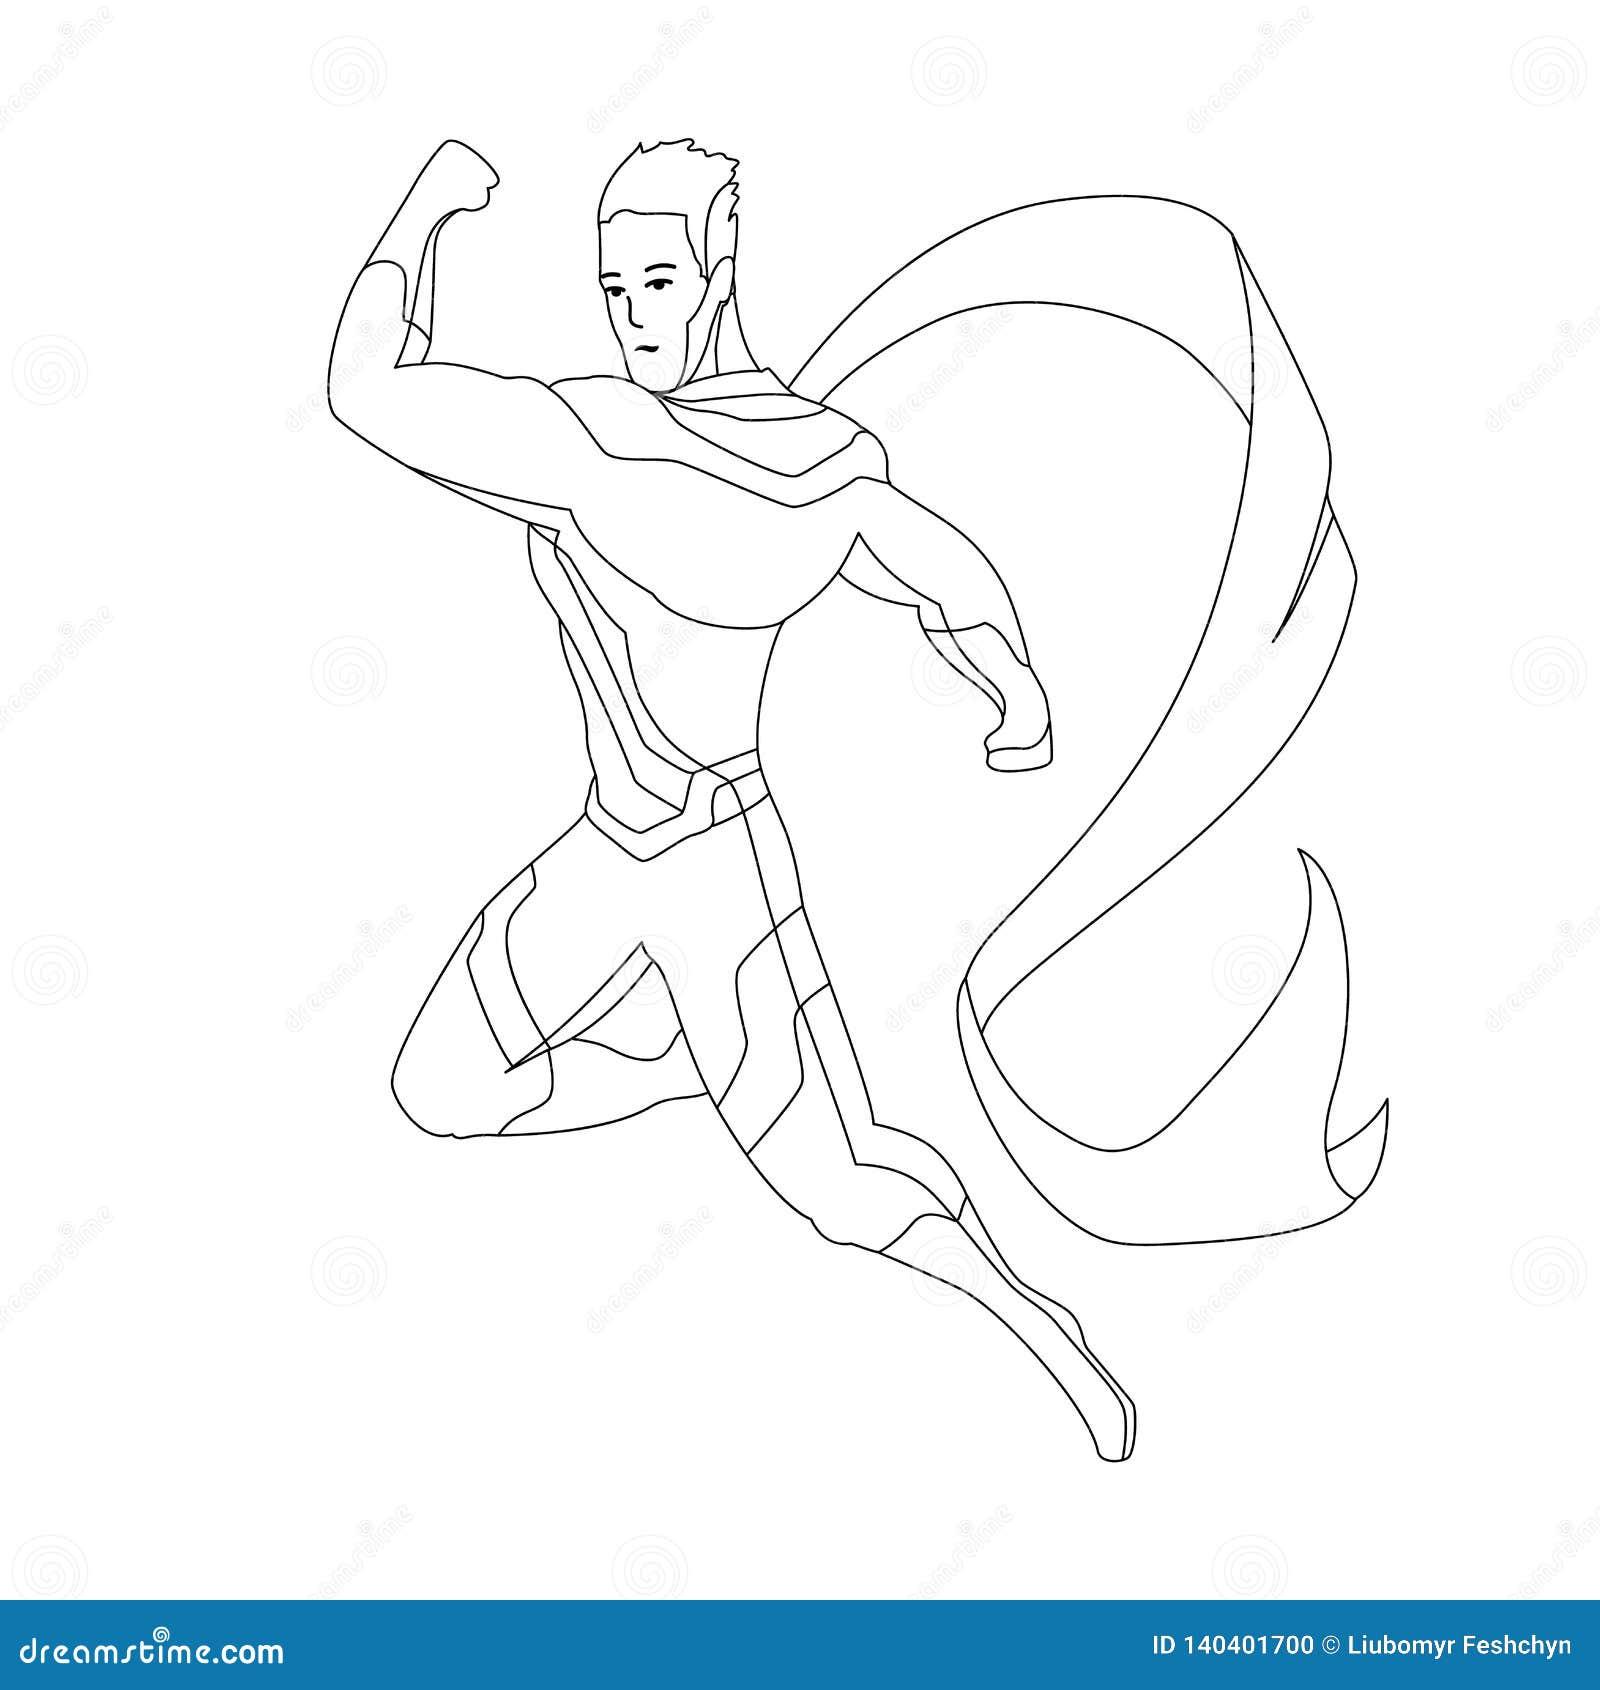 630+ Coloring Book Superhero Free